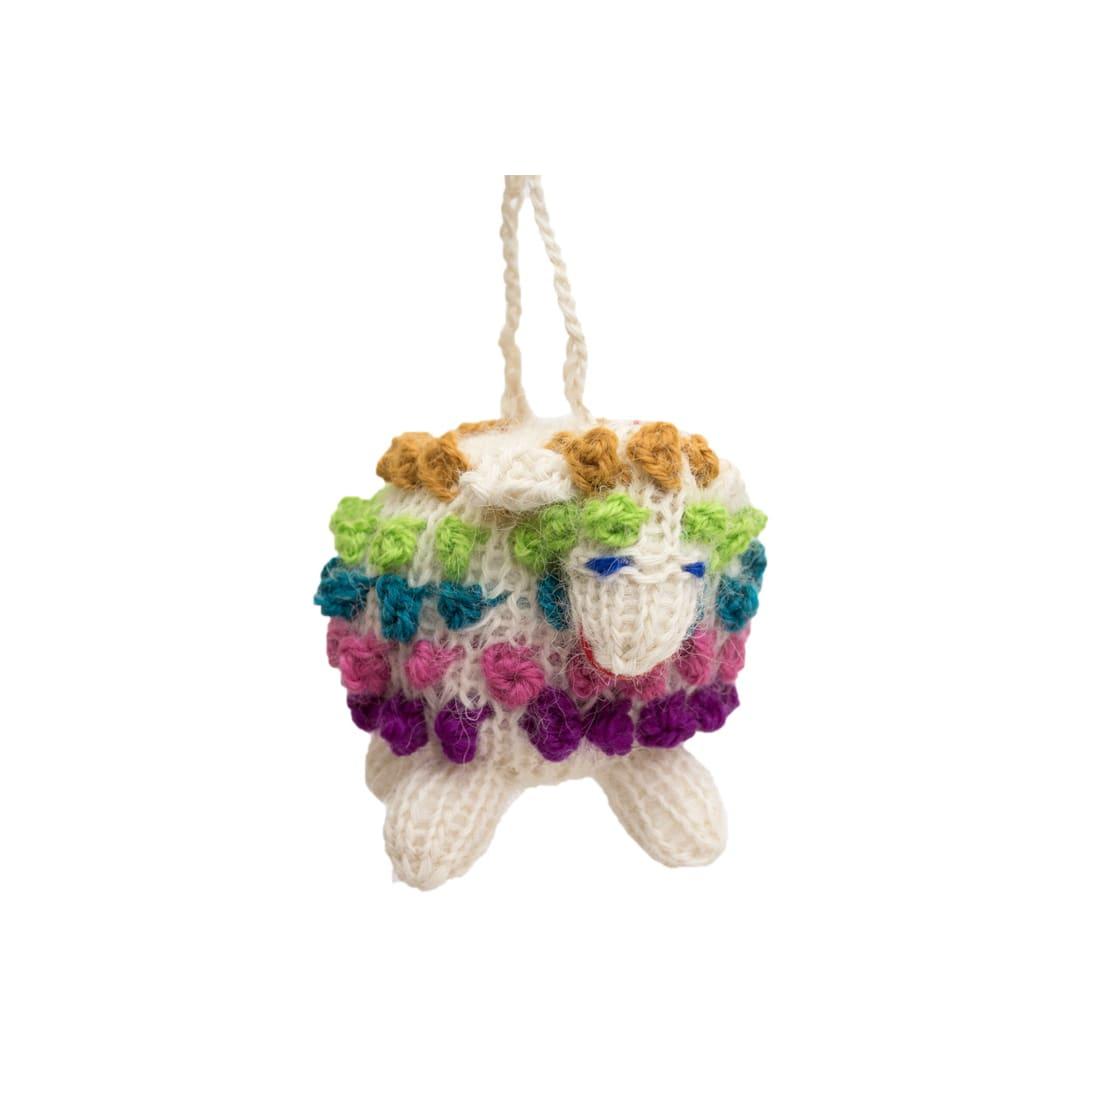 CRK019A Sheep